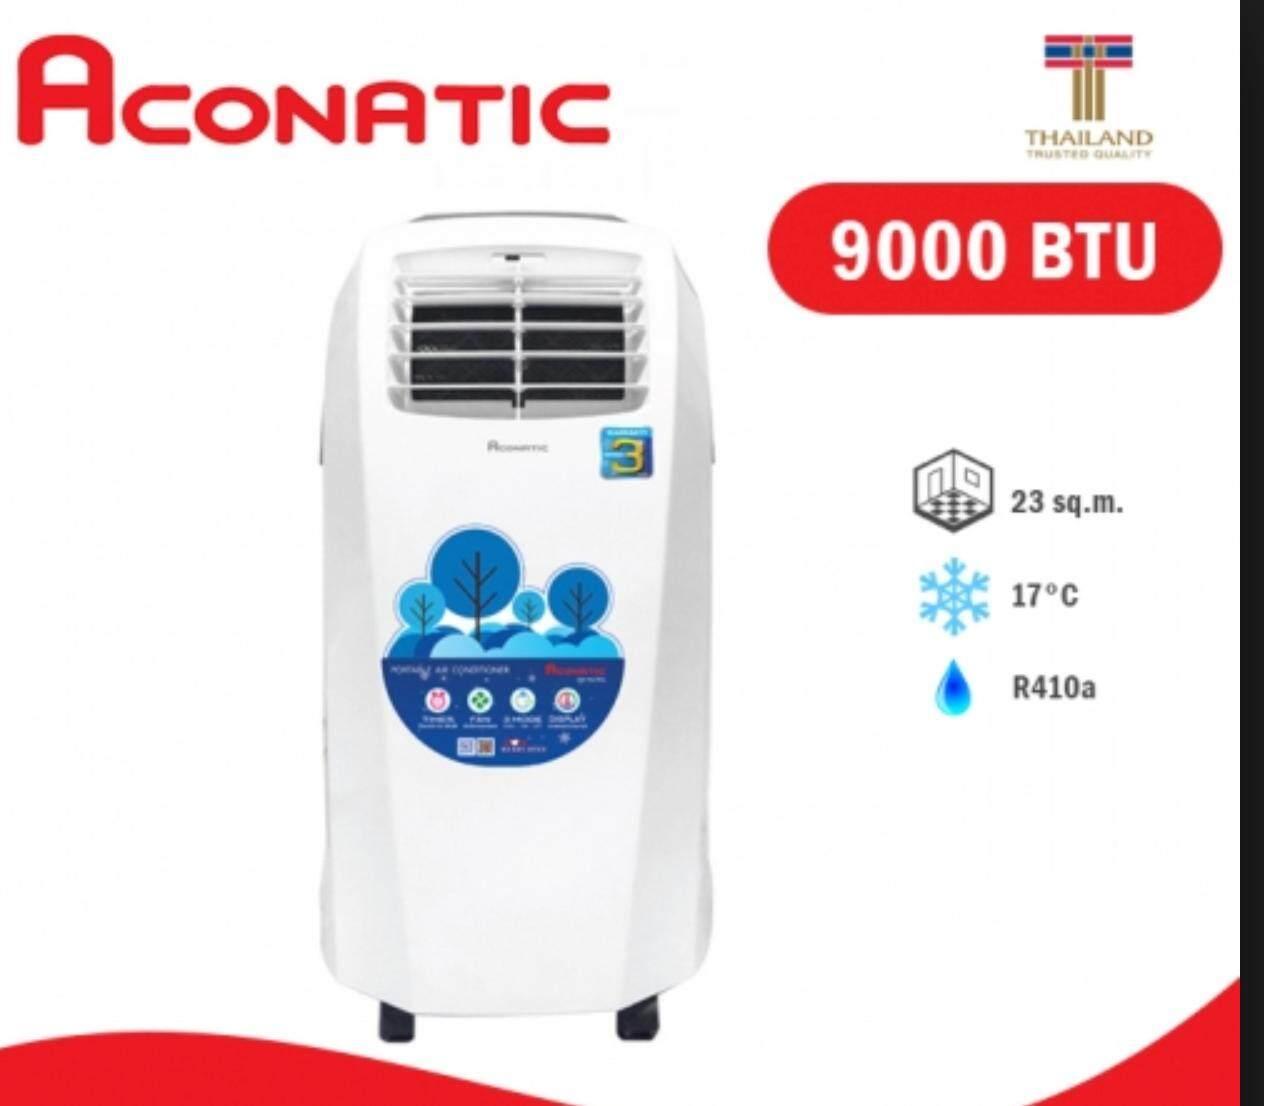 มือ 1 รับประกันศูนย์ Aconatic Portable Air conditioner 1 ปี 9,000 BTU รุ่น AN-PAC09L